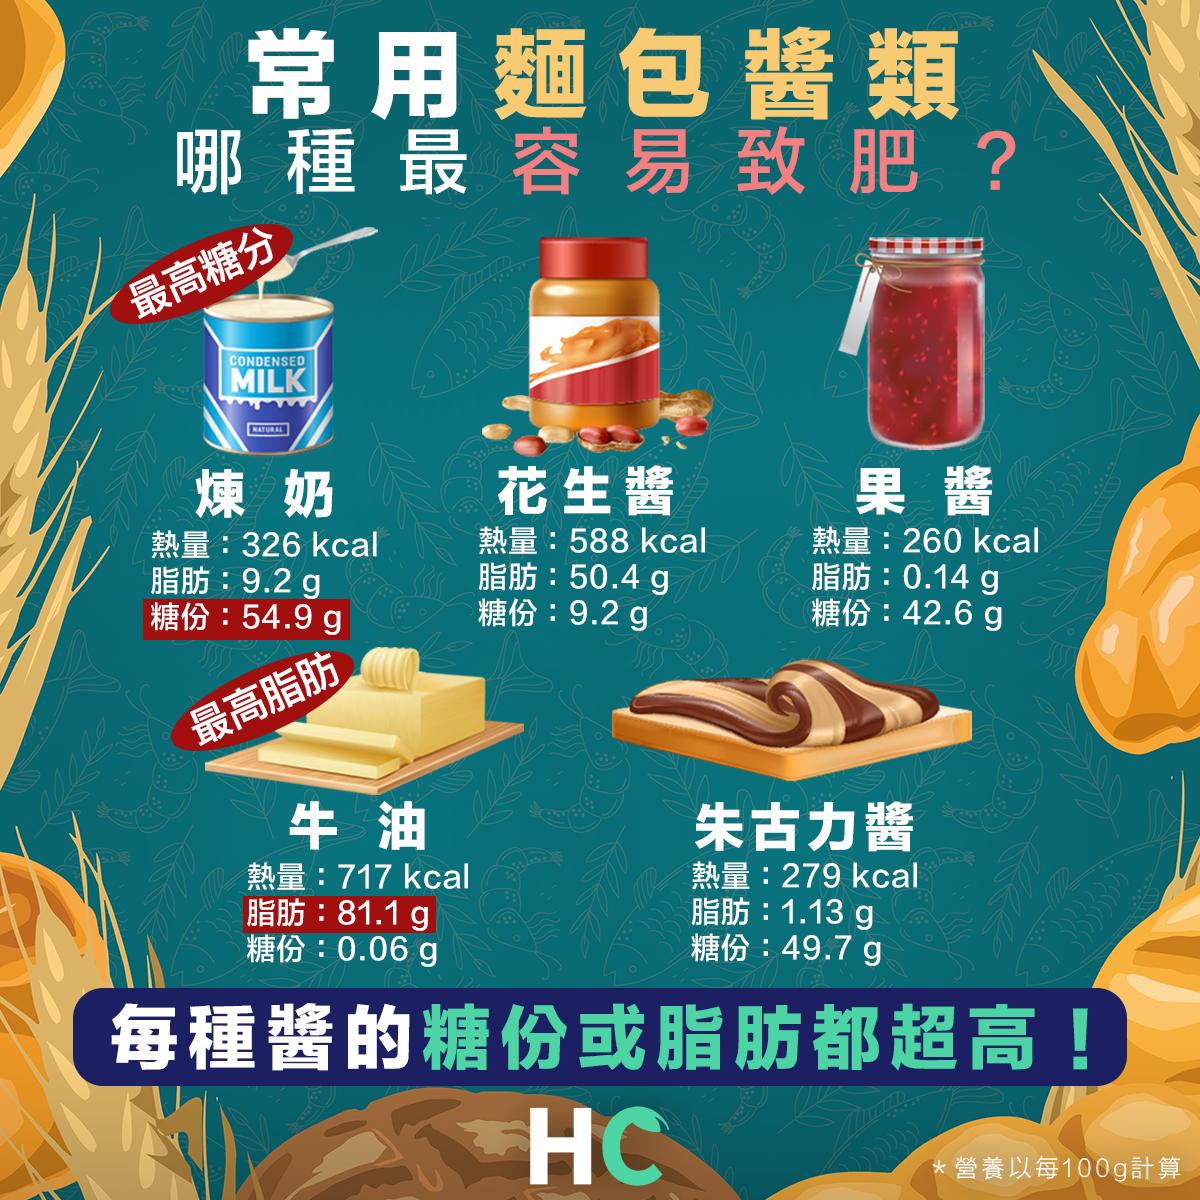 【營養食物】常用麵包醬類 哪種最容易肥?